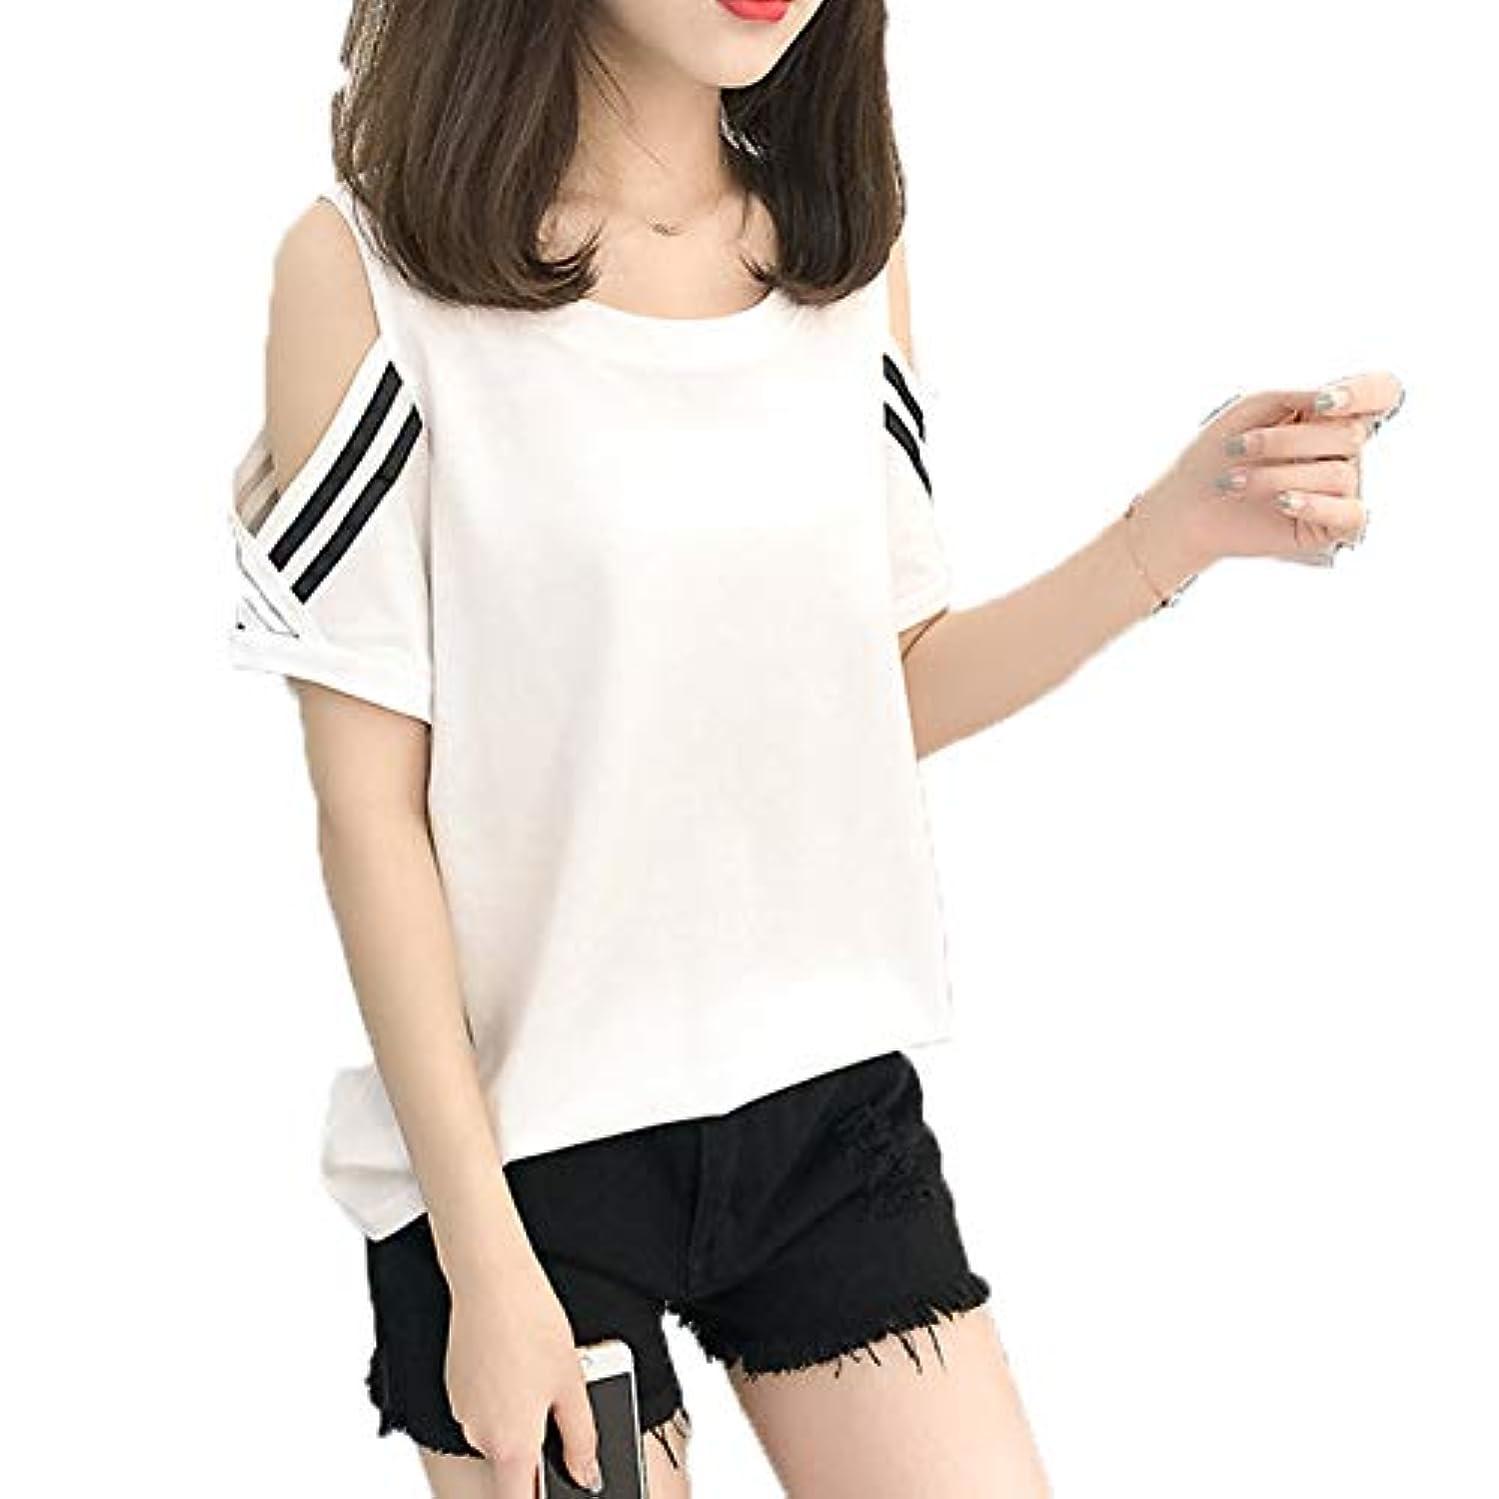 交通第二に政治的[ココチエ] Tシャツ ライン プルオーバー レディース 肩出し 半袖 かっこいい かわいい おしゃれ レッド イエロー ホワイト